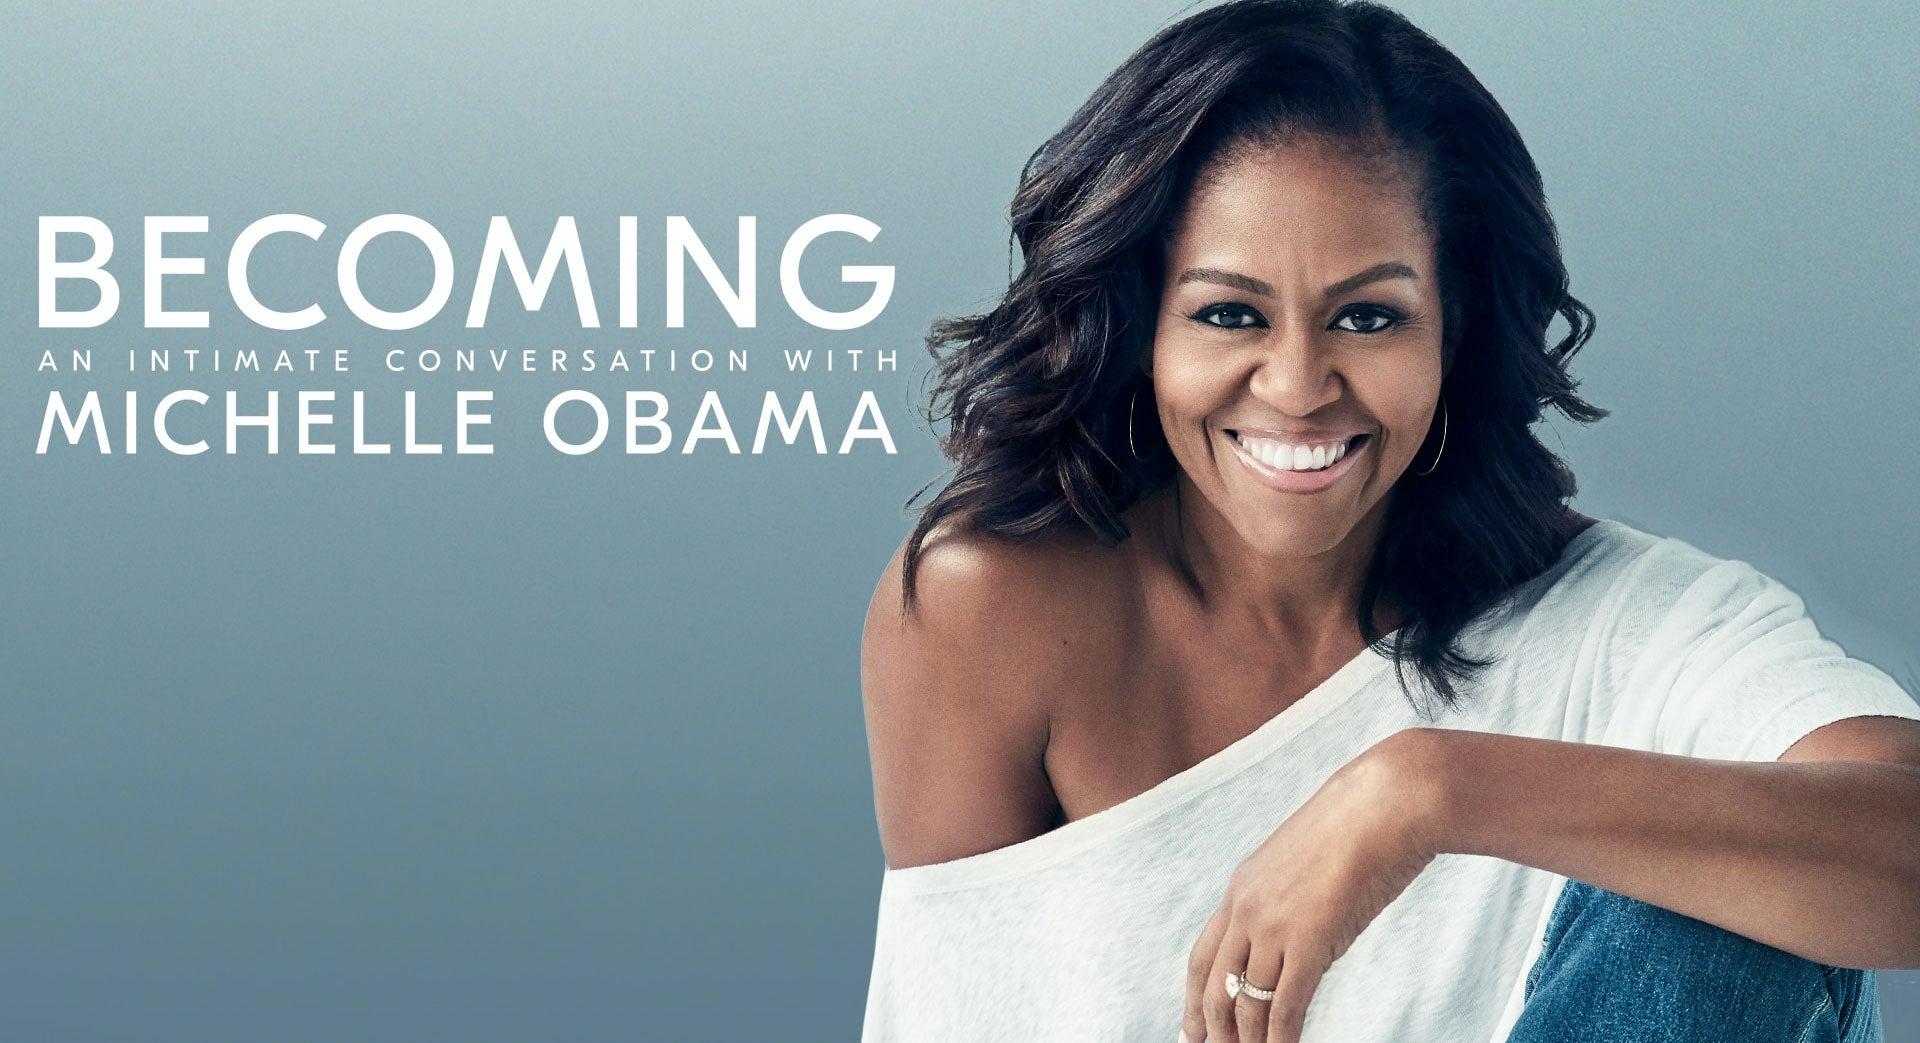 MichelleObama_184X100.jpg